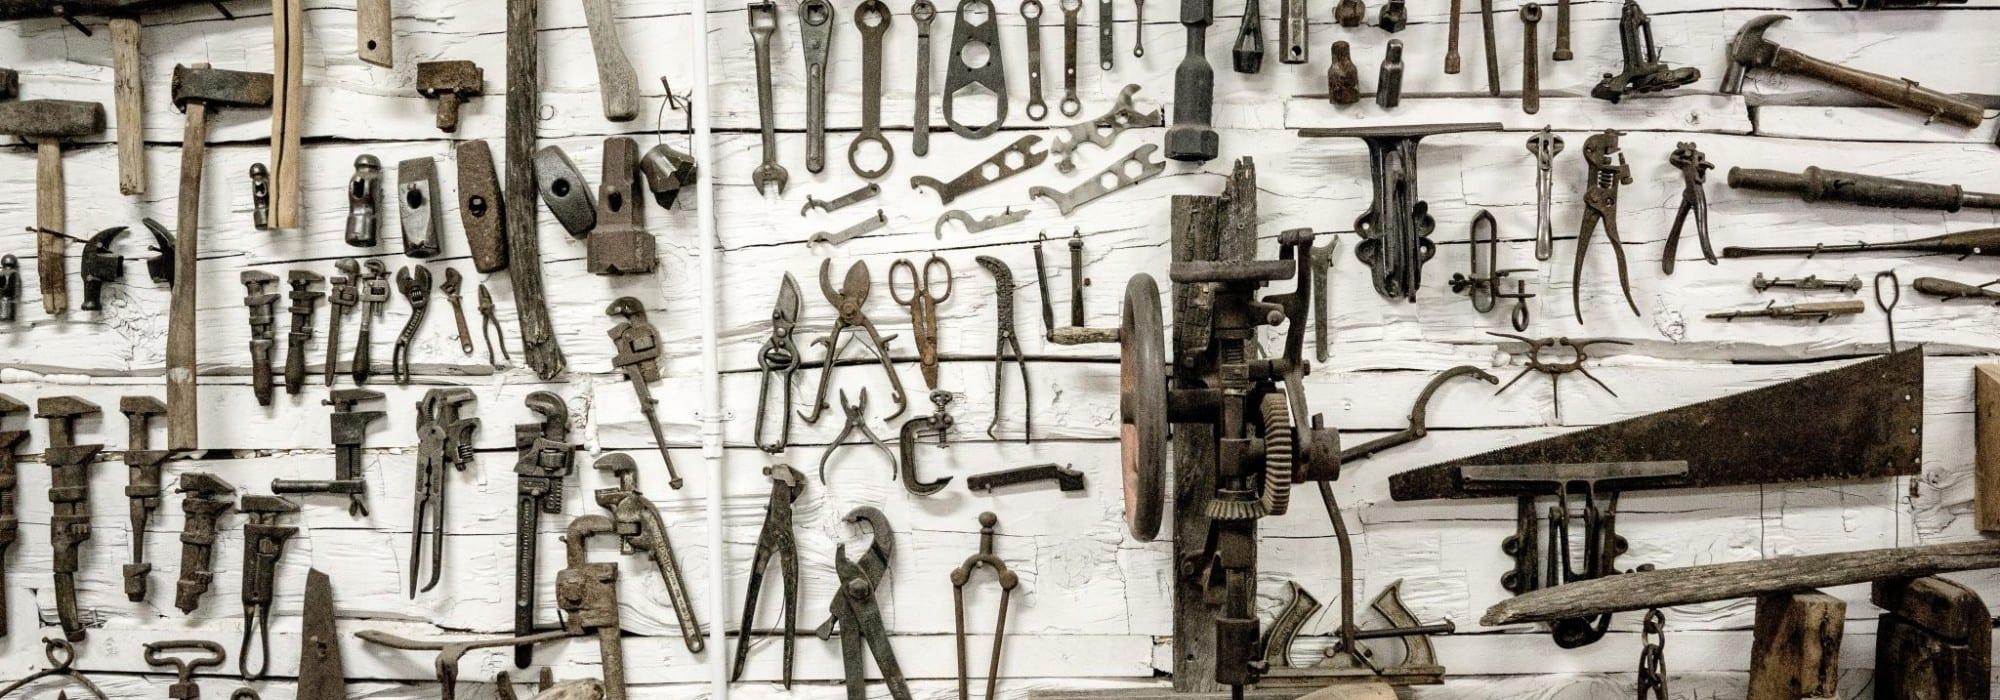 Too many tools ...